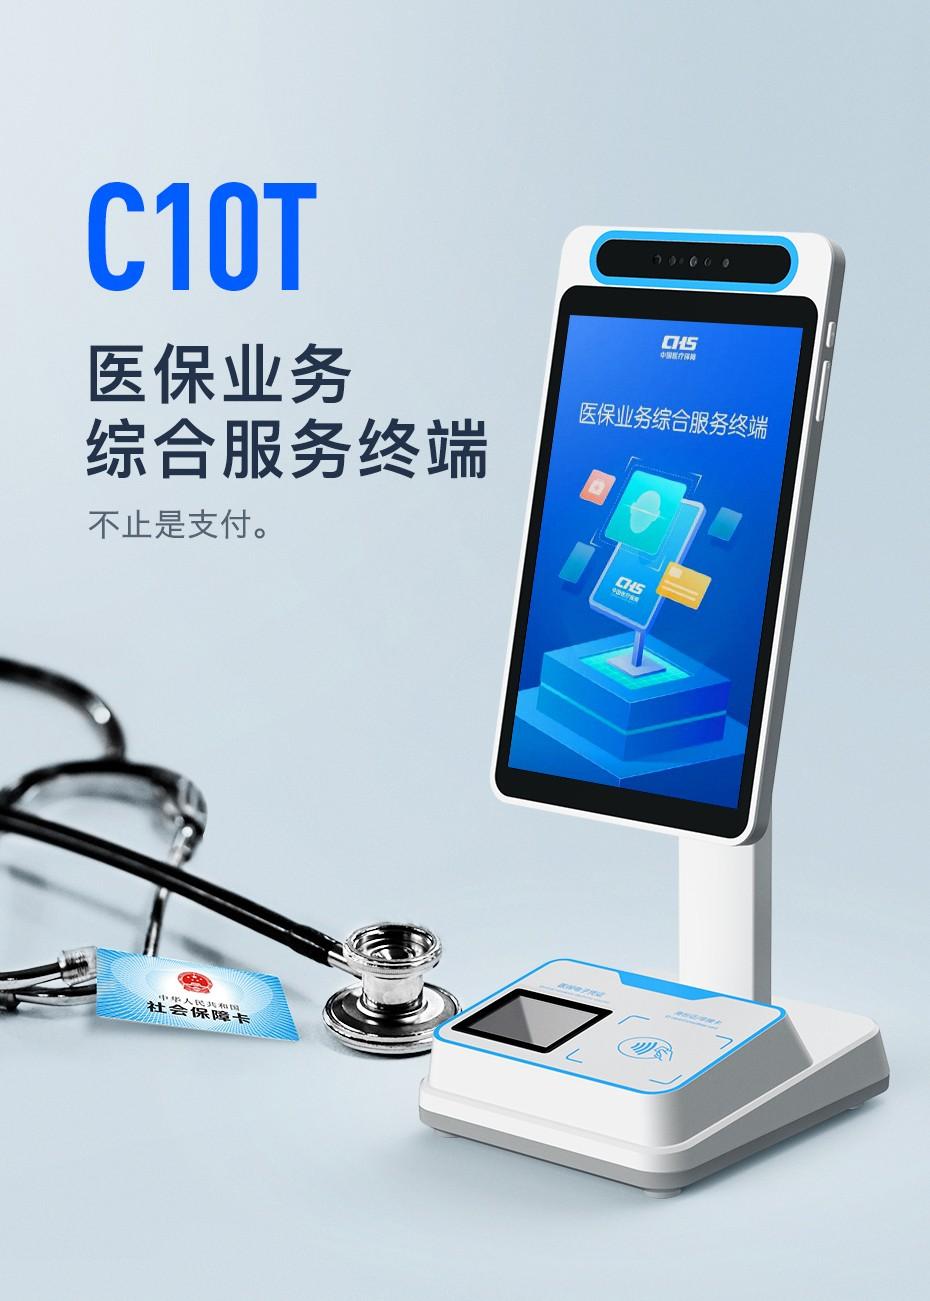 C10T医保终端视频(图2)